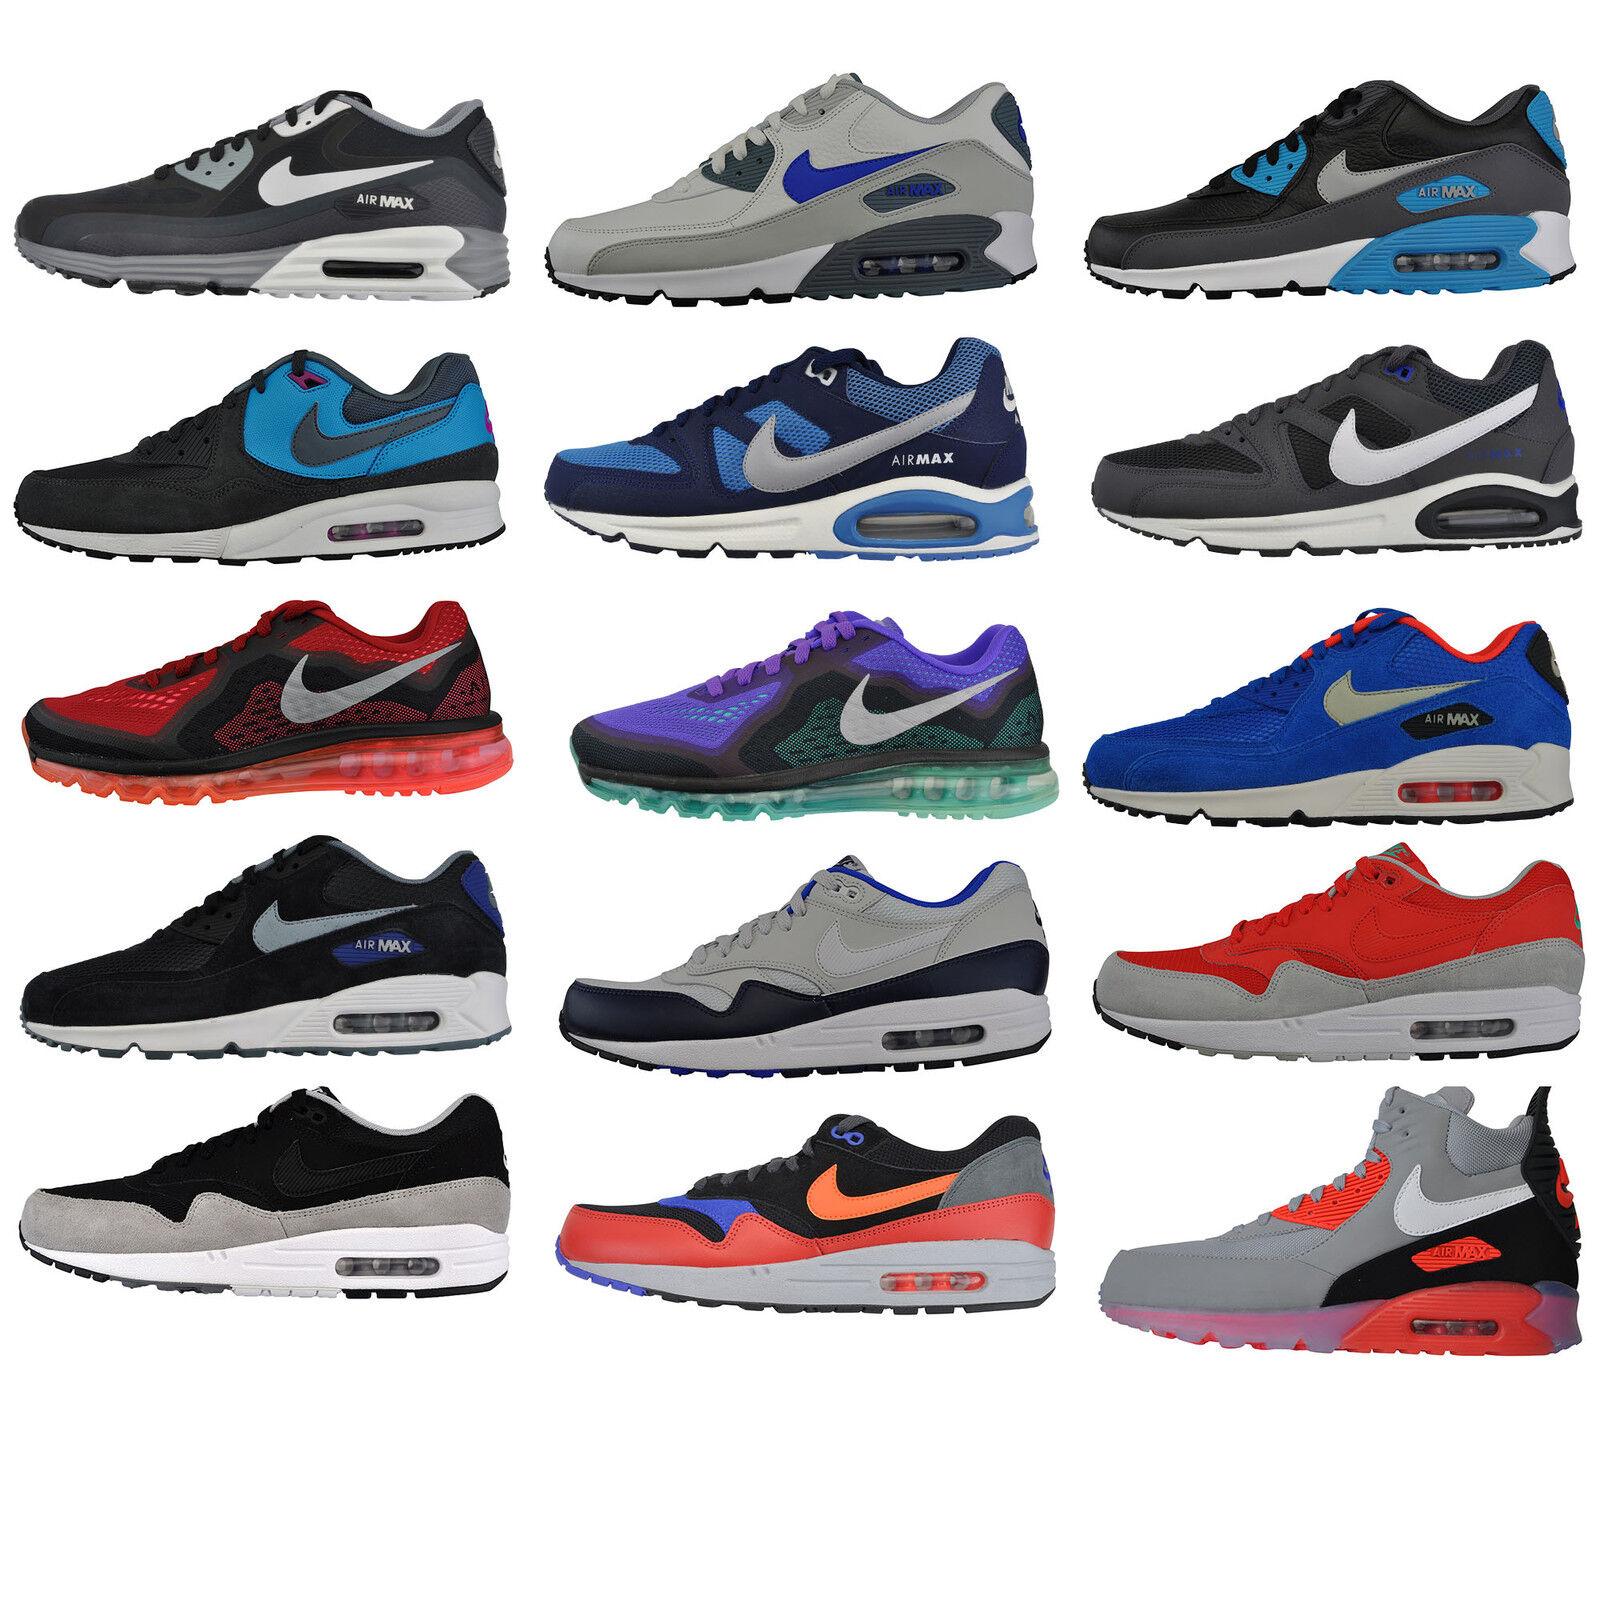 Nike Air Max 90 L 1 2014 Essential Light Lunar 90 wr chaussures hommes Cuir